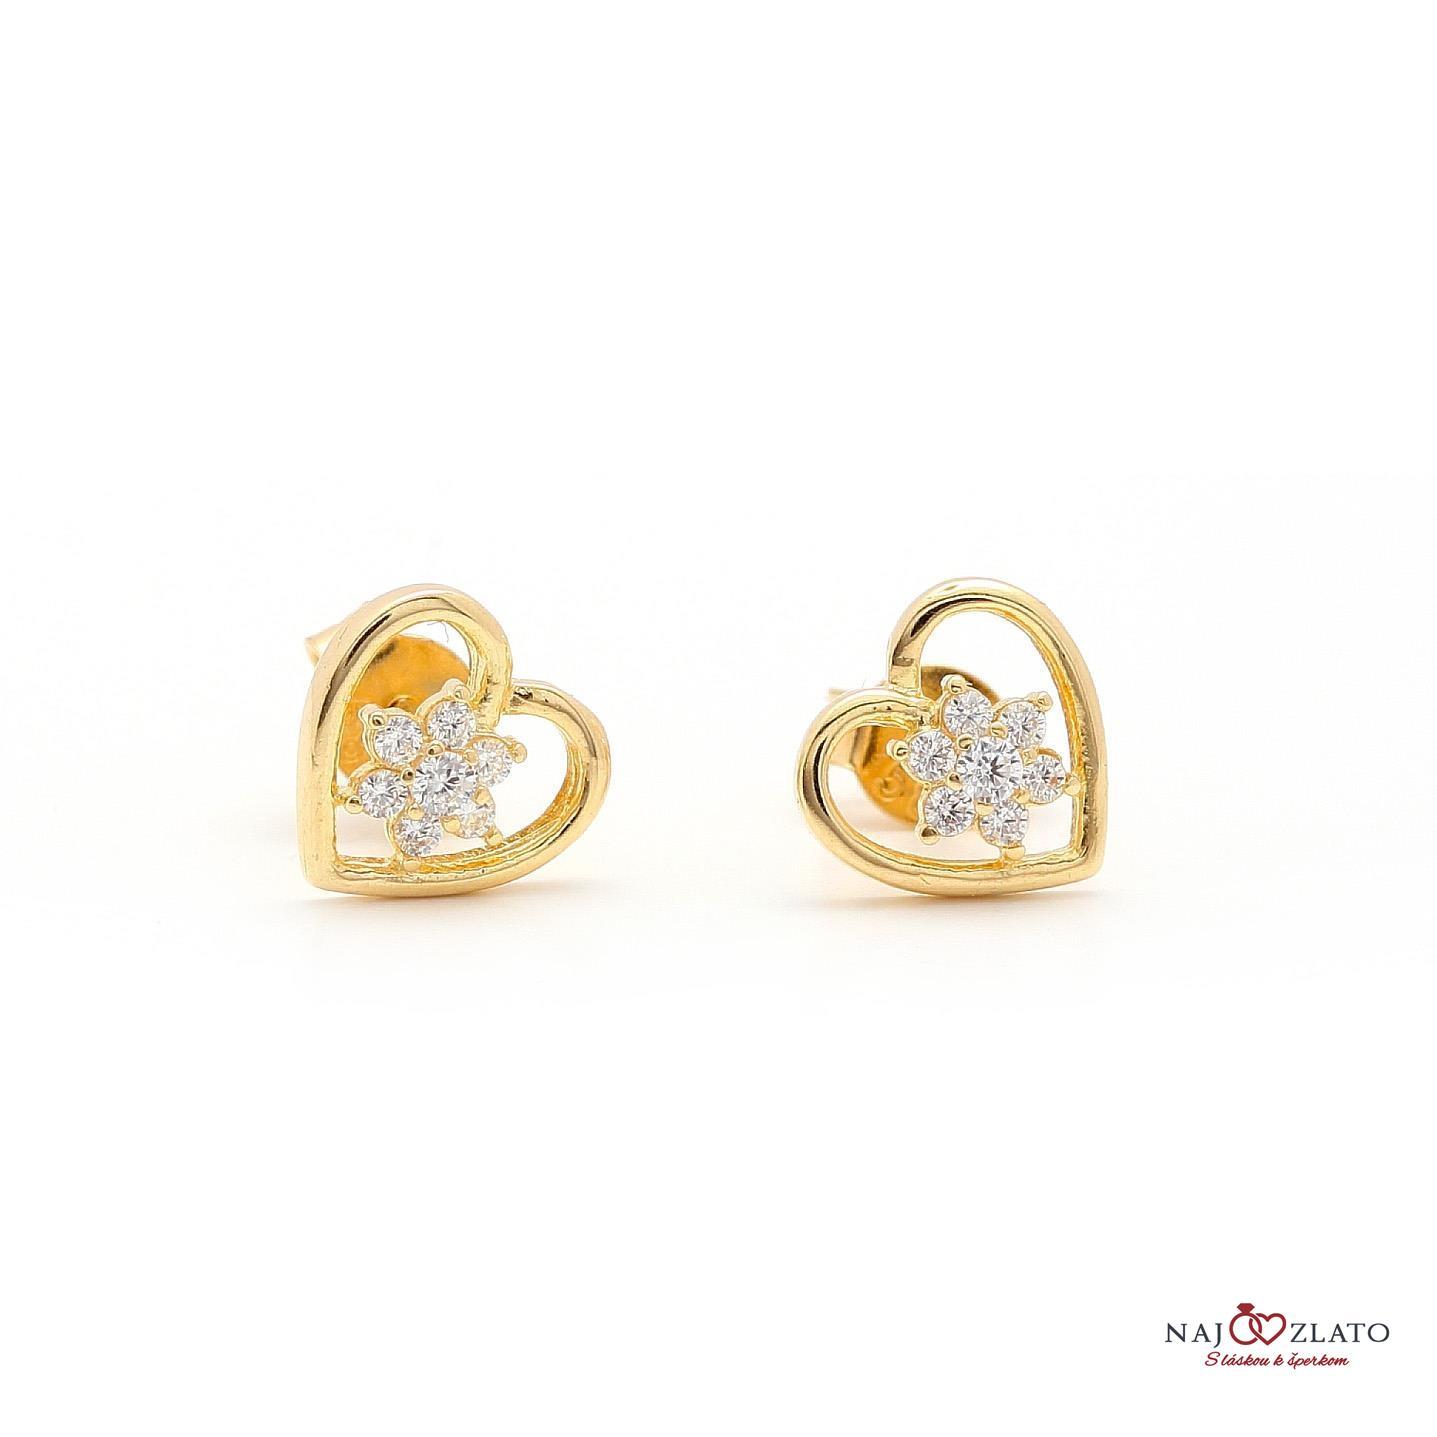 1655ea2d6 zlaté náušnice srdce s kvietkom zlaté náušnice srdce s kvietkom 1 ...